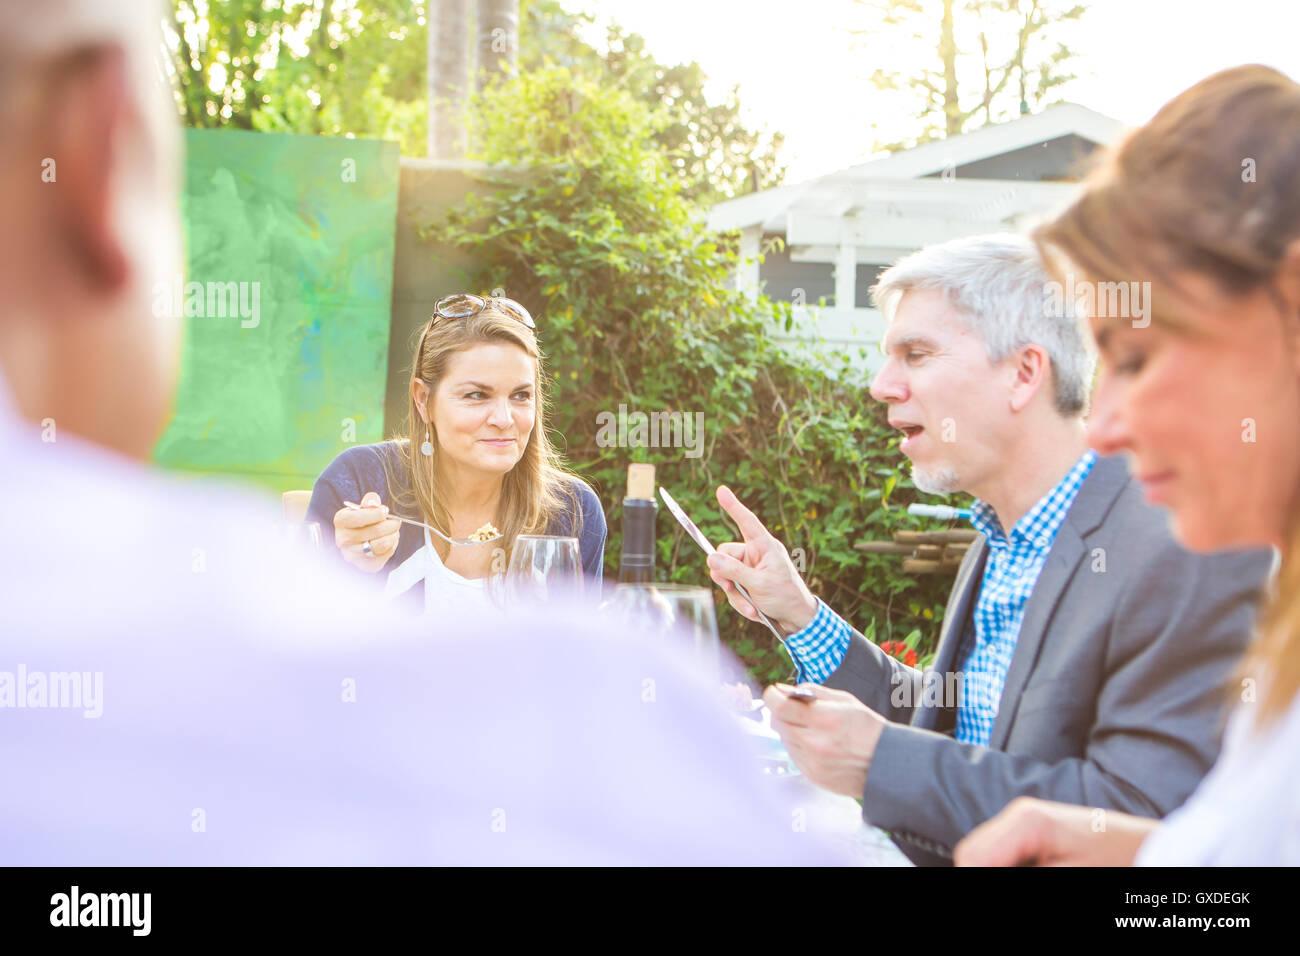 Erwachsene Essen und sprechen gemeinsam am Tisch Gartenparty Stockbild